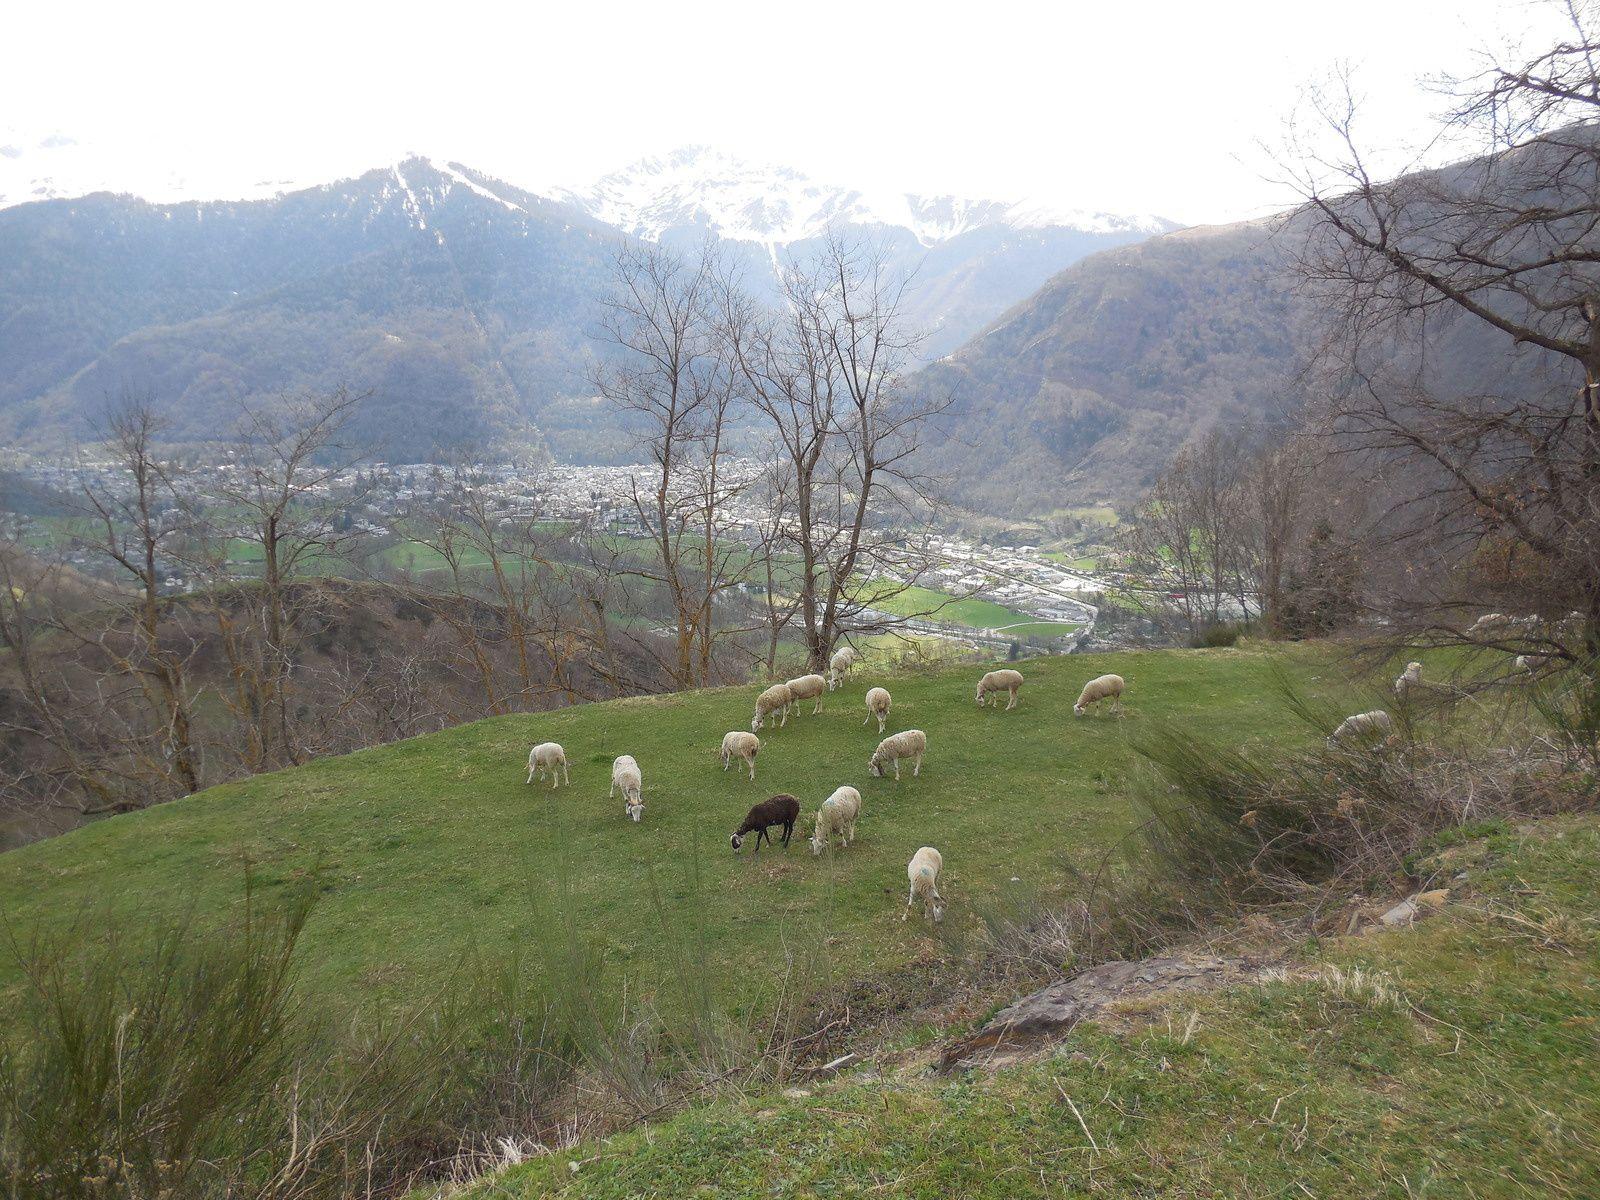 et les moutons sont prêts à gagner les hauts pâturages.